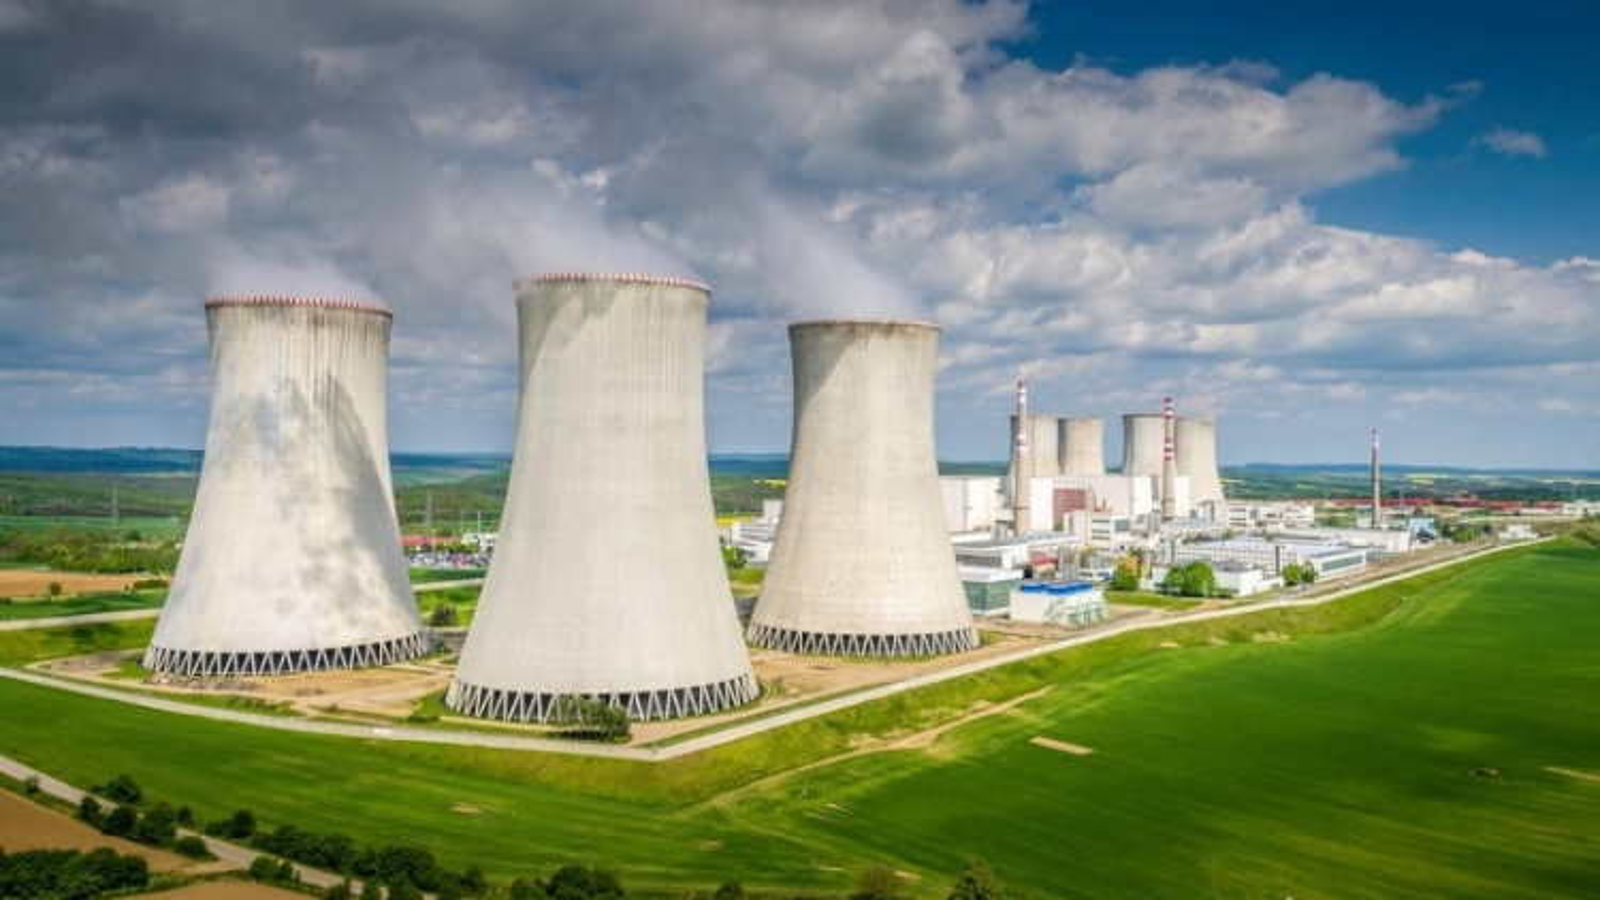 Séc không ký biên bản ghi nhớ với Mỹ về nhà máy điện hạt nhân Dukovany